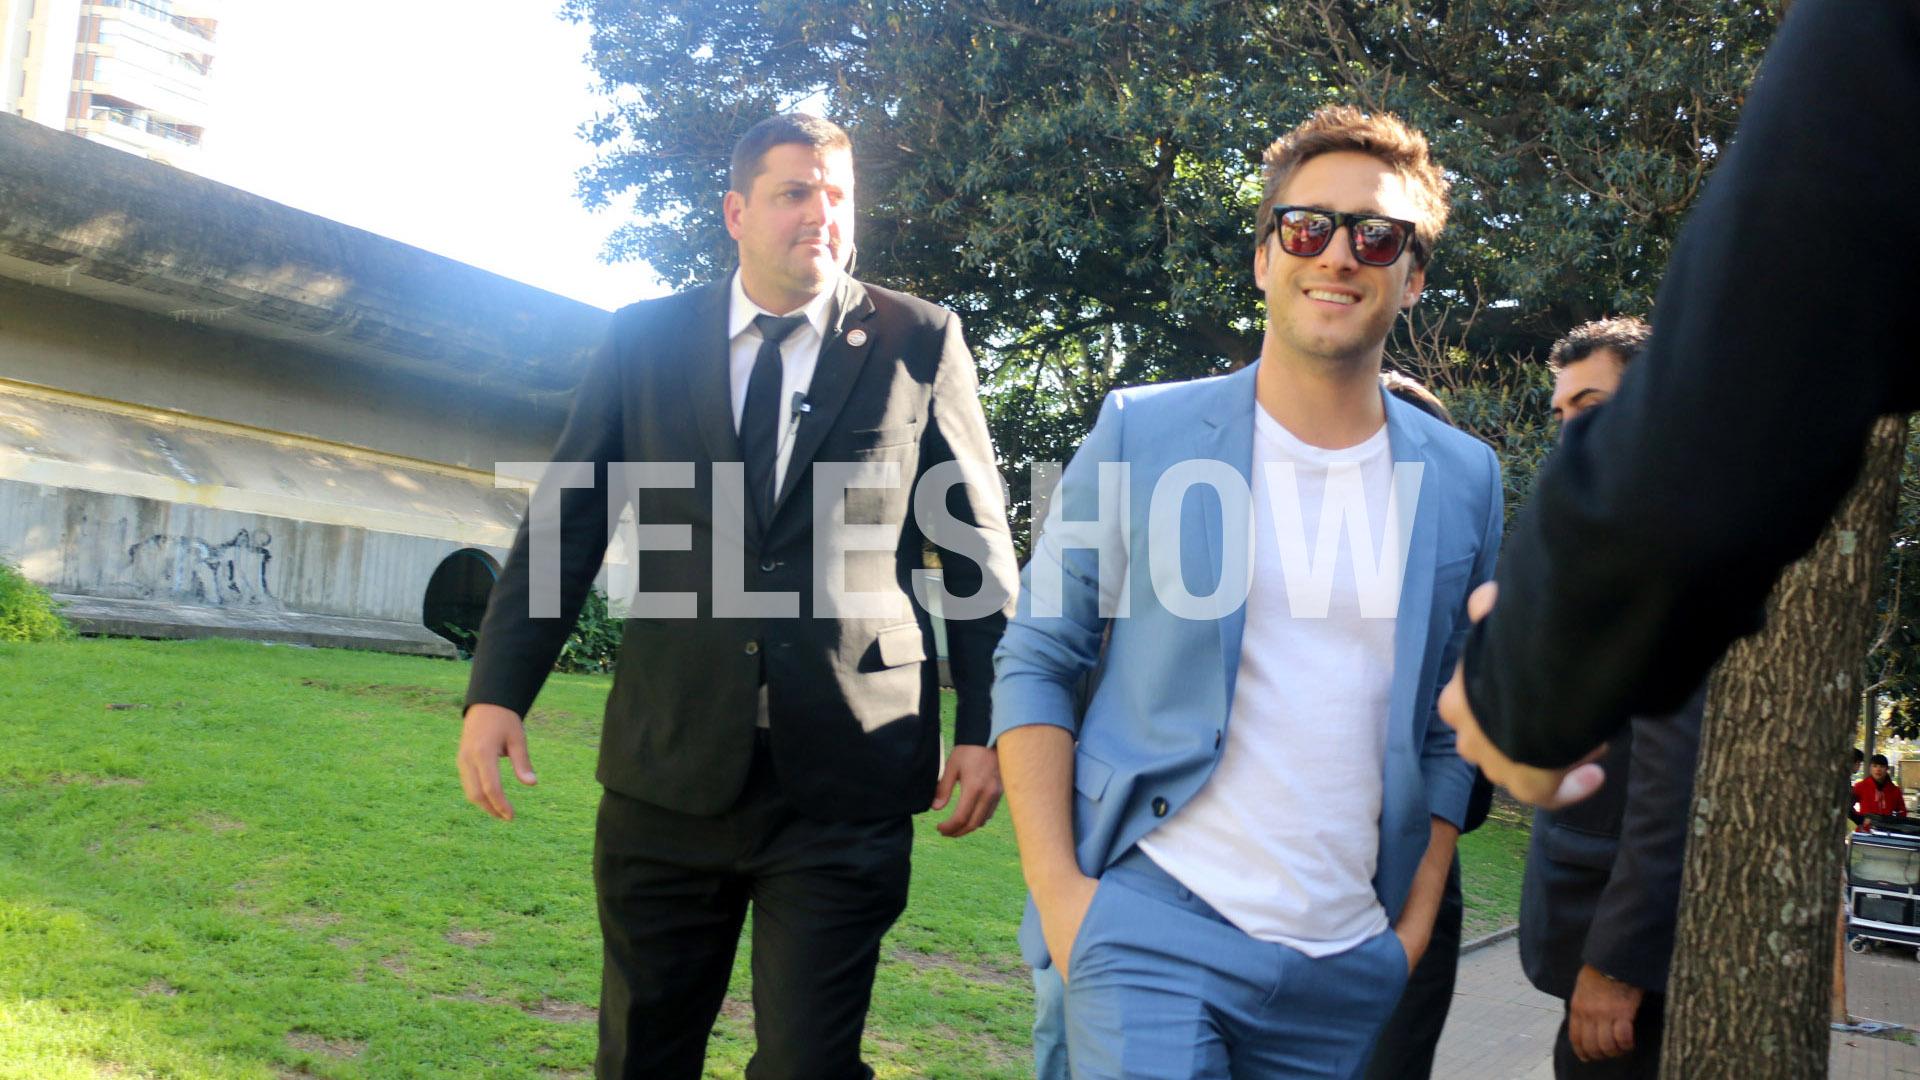 Diego Bonetallegó a la Argentina el domingo a la noche para grabar un comercial (Verónica Guerman y Chino Soler)